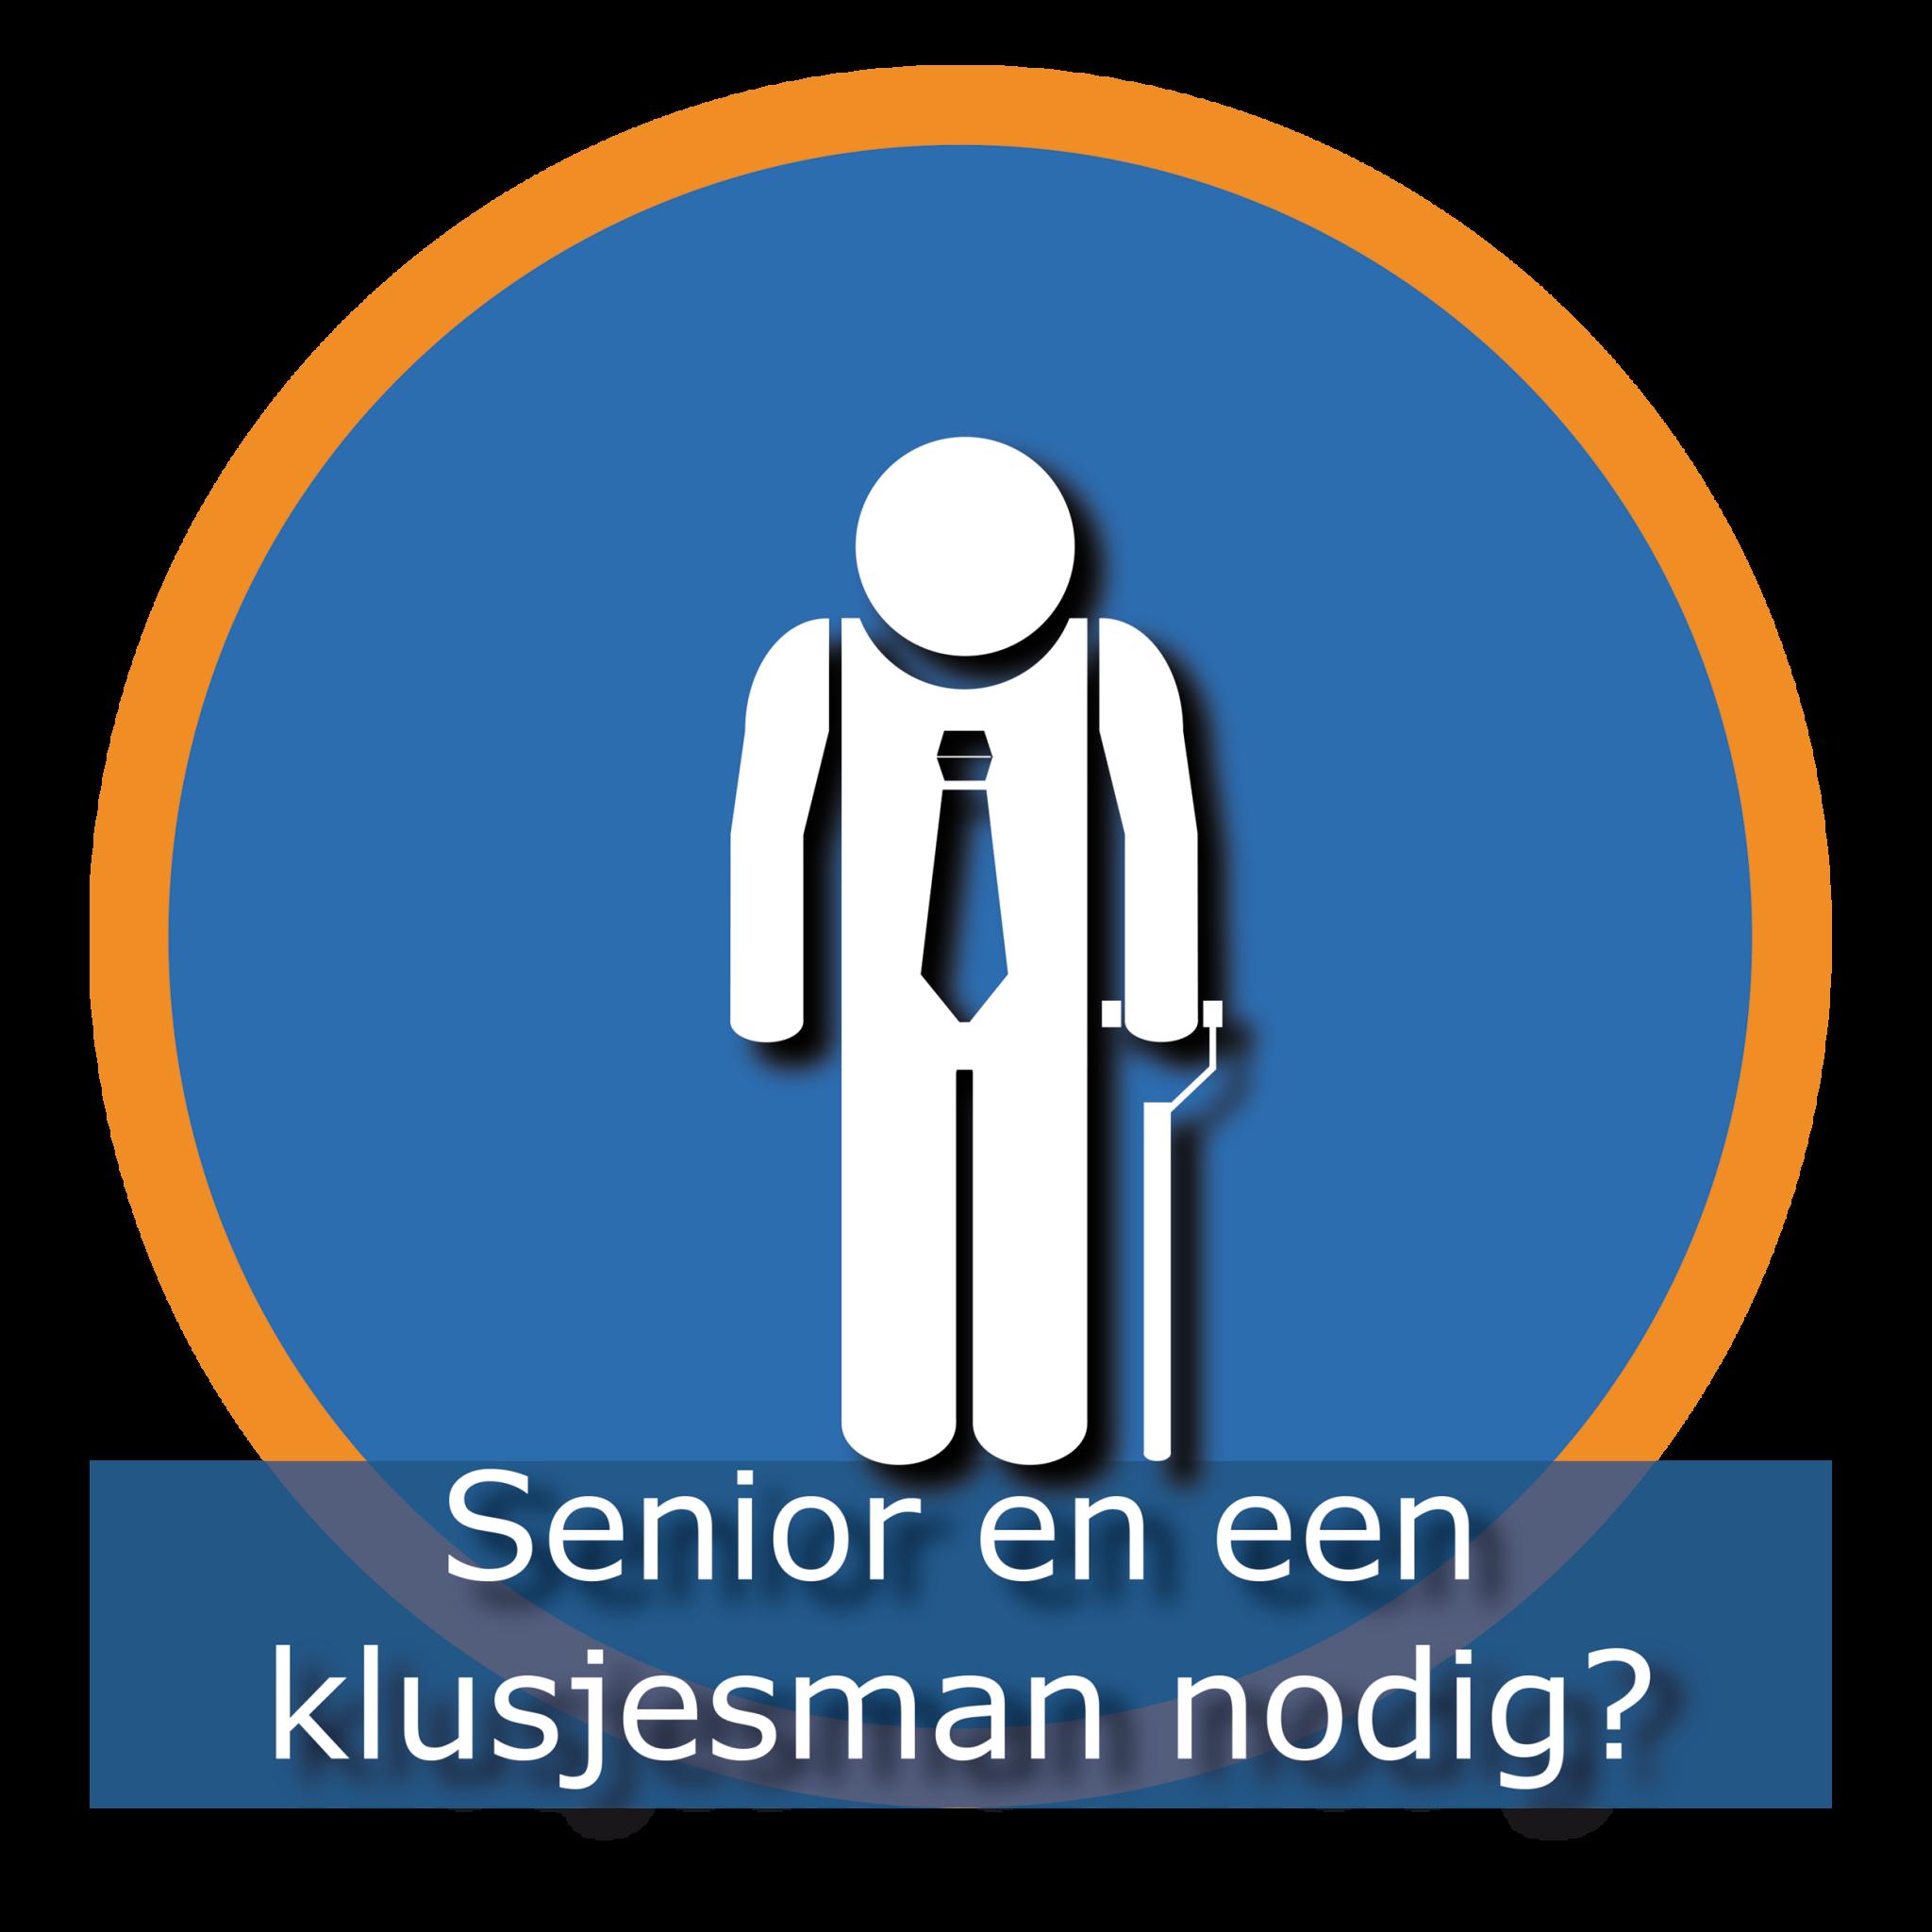 Klusjesman senioren Utrecht is er voor alle klussen die u zelf niet meer wilt of kunt uitvoeren. Bekijk hier het overzicht van diensten en klussen die Klusservice Utrecht uitvoert.